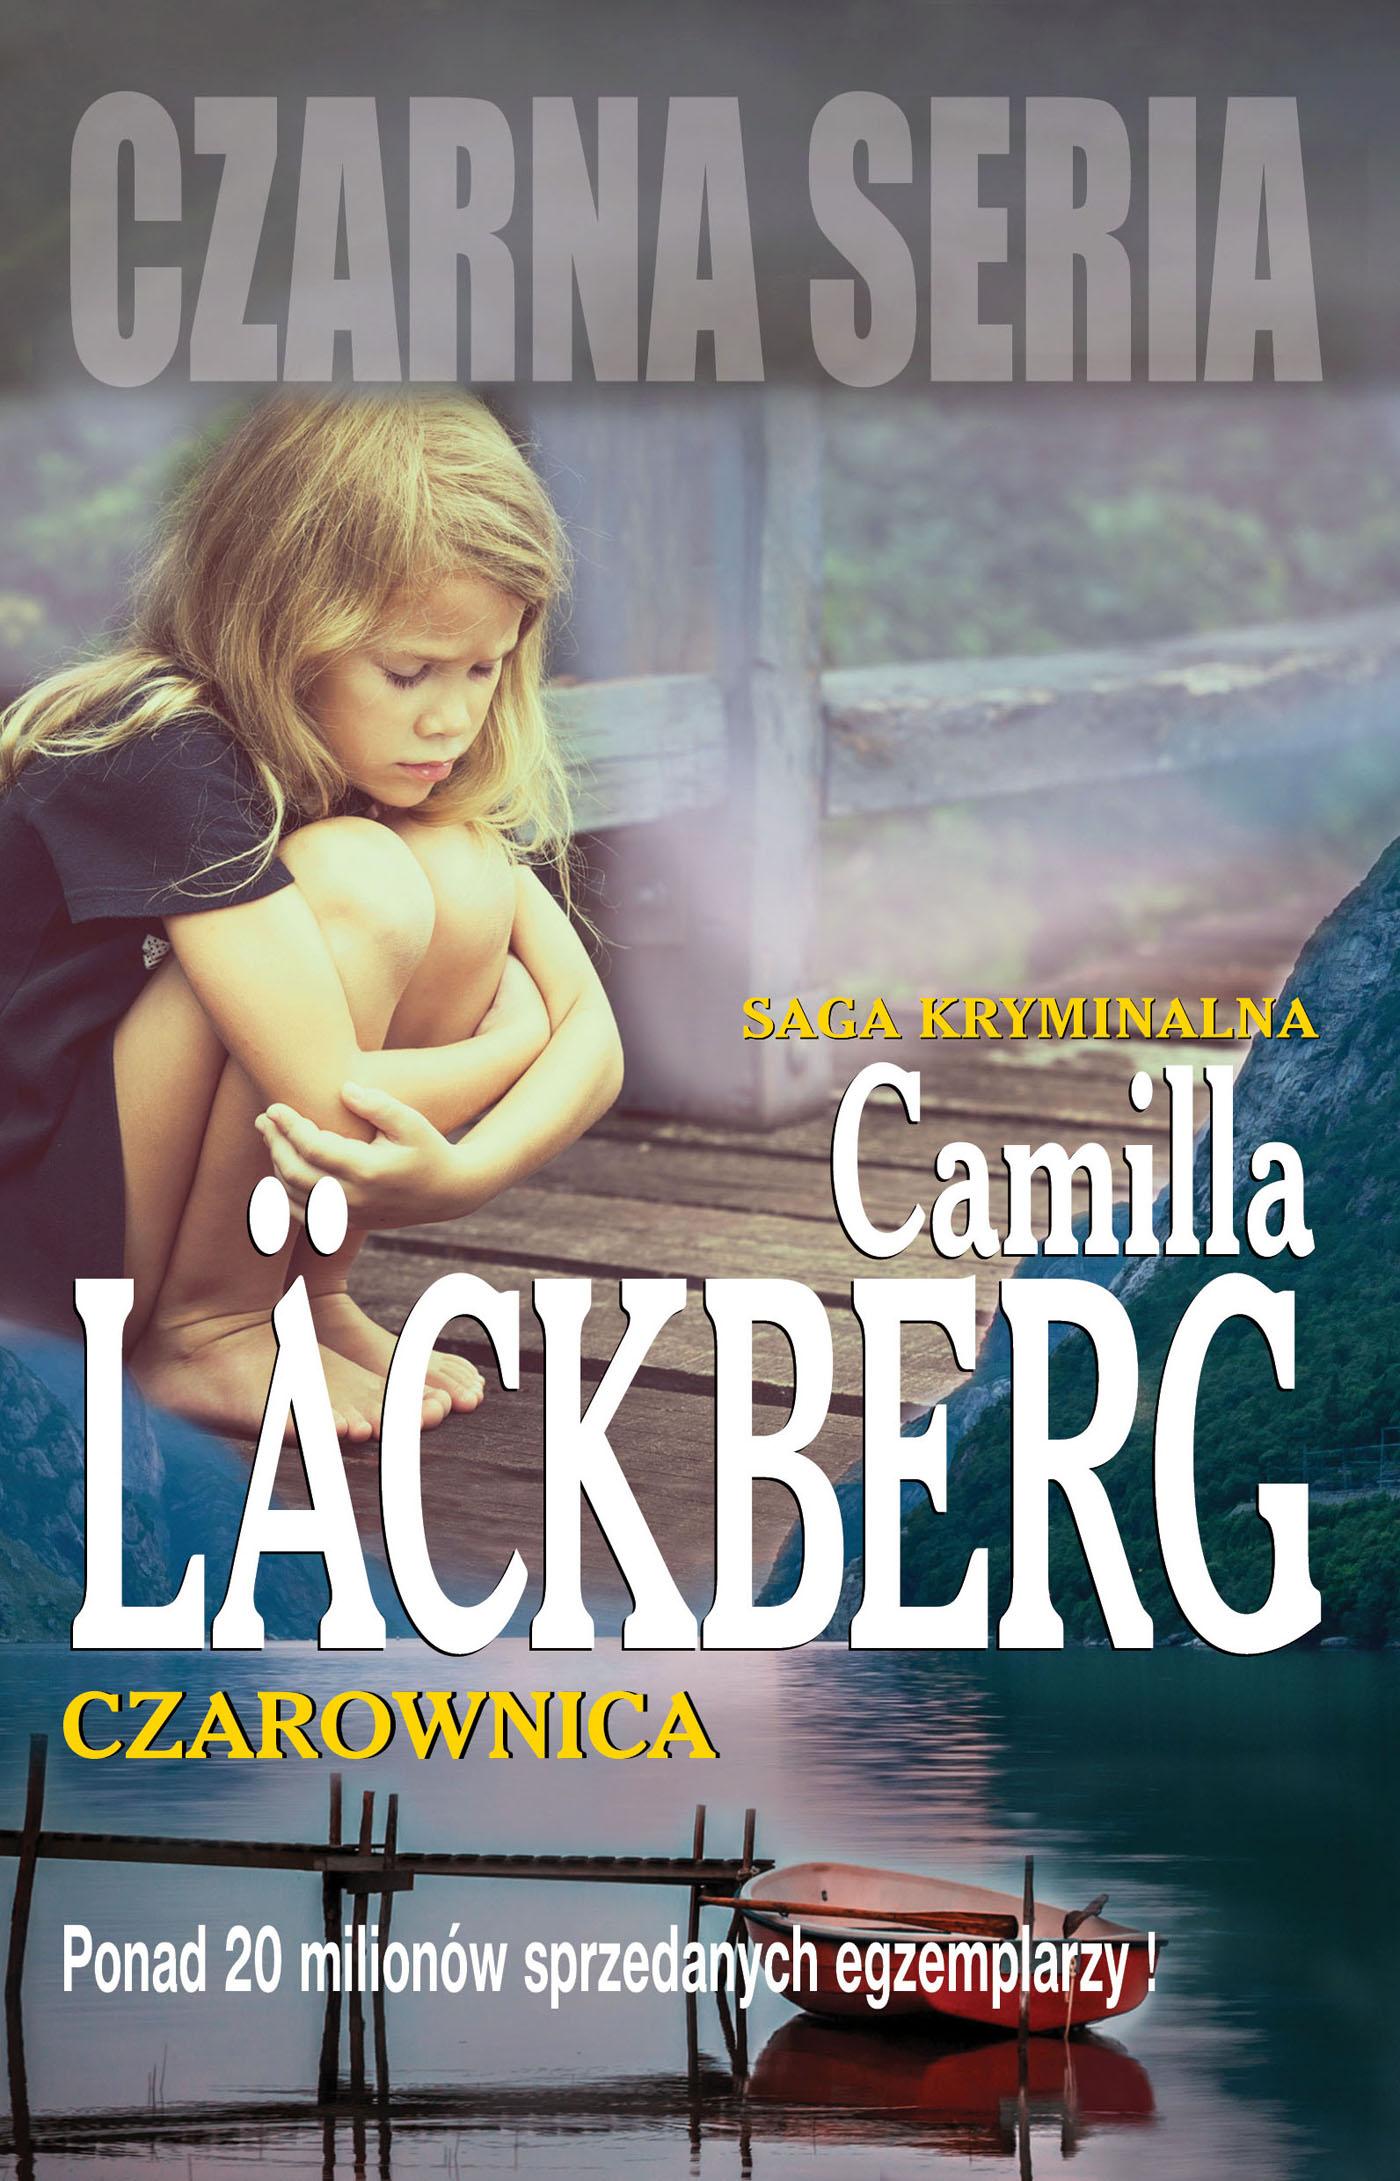 Znalezione obrazy dla zapytania czarownica lackberg